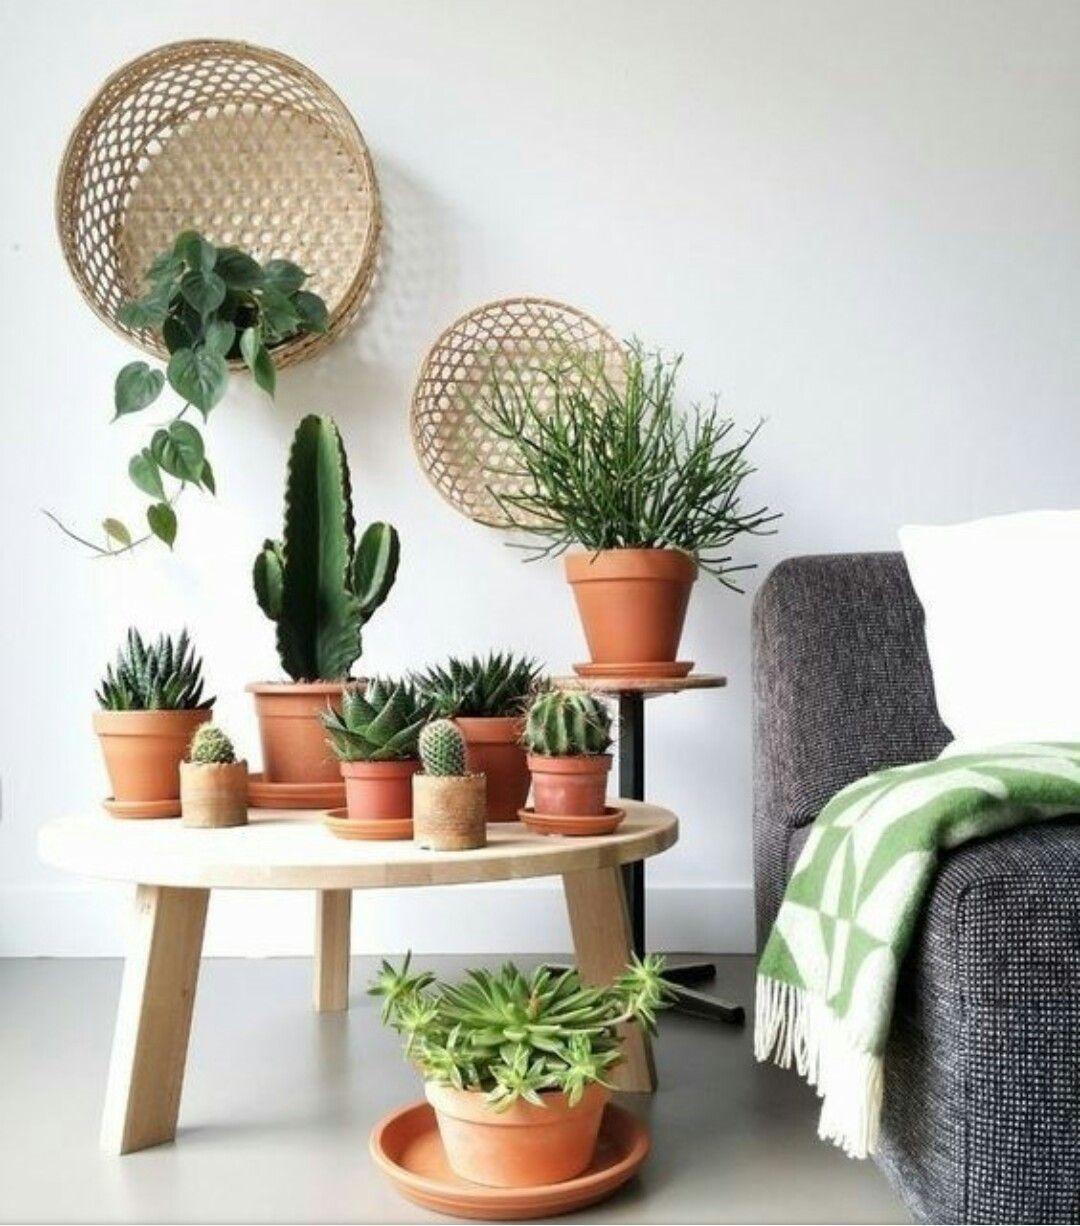 Home decor plants ideas  Pin by Henrike Heerink on Woon en eetkamer  Pinterest  Plants